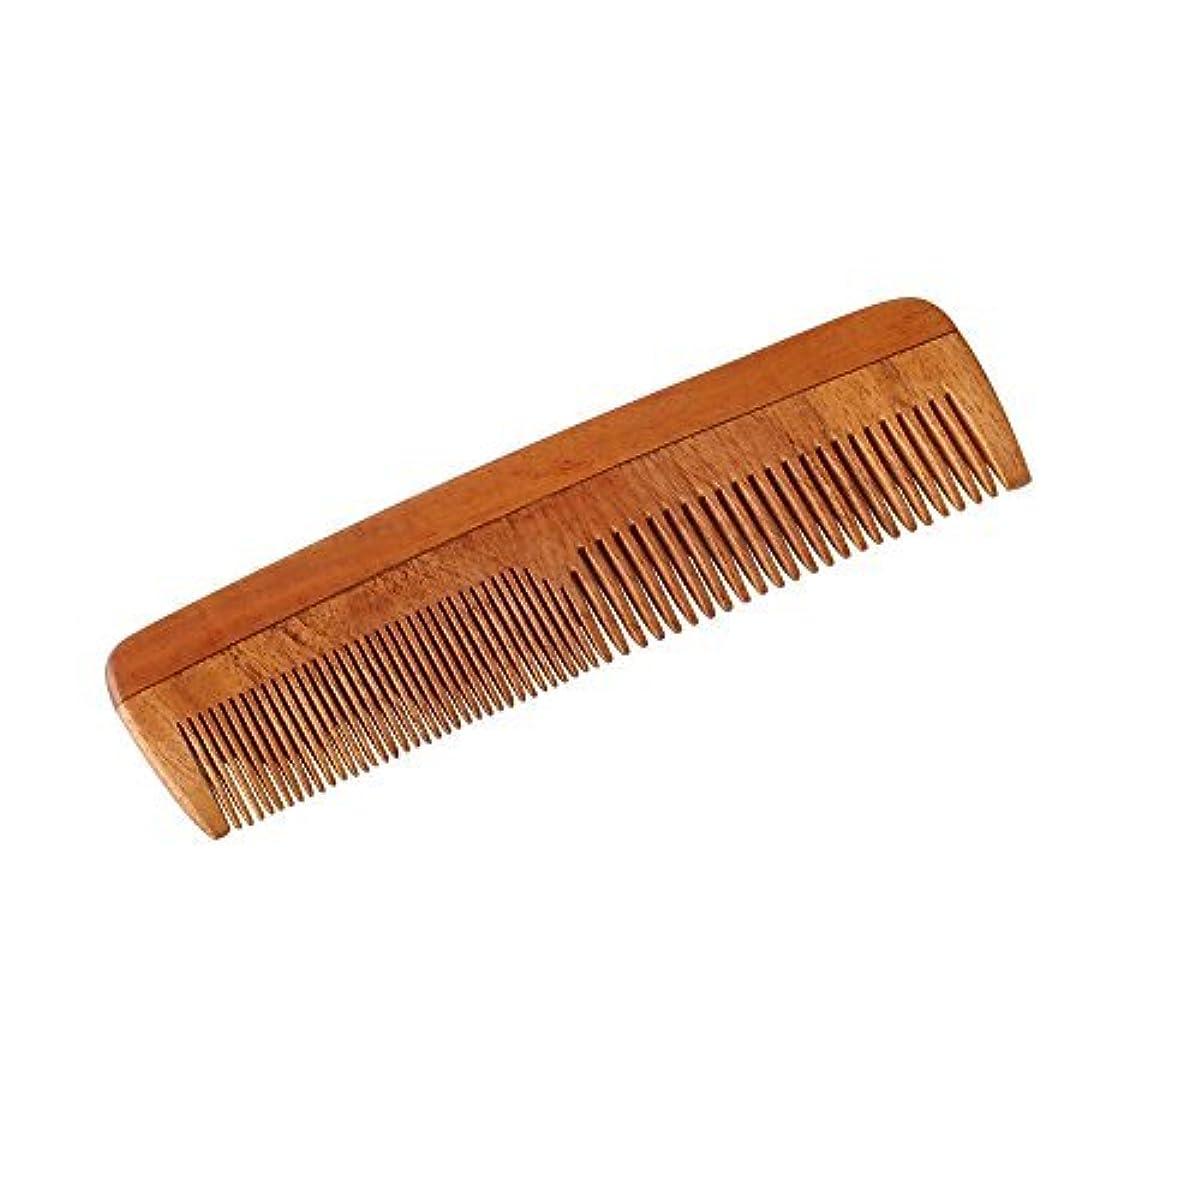 平らにする伝記手数料HealthAndYoga(TM) Handcrafted Neem Wood Comb - Non-Static and Eco-Friendly- Great for Scalp and Hair Health -7...